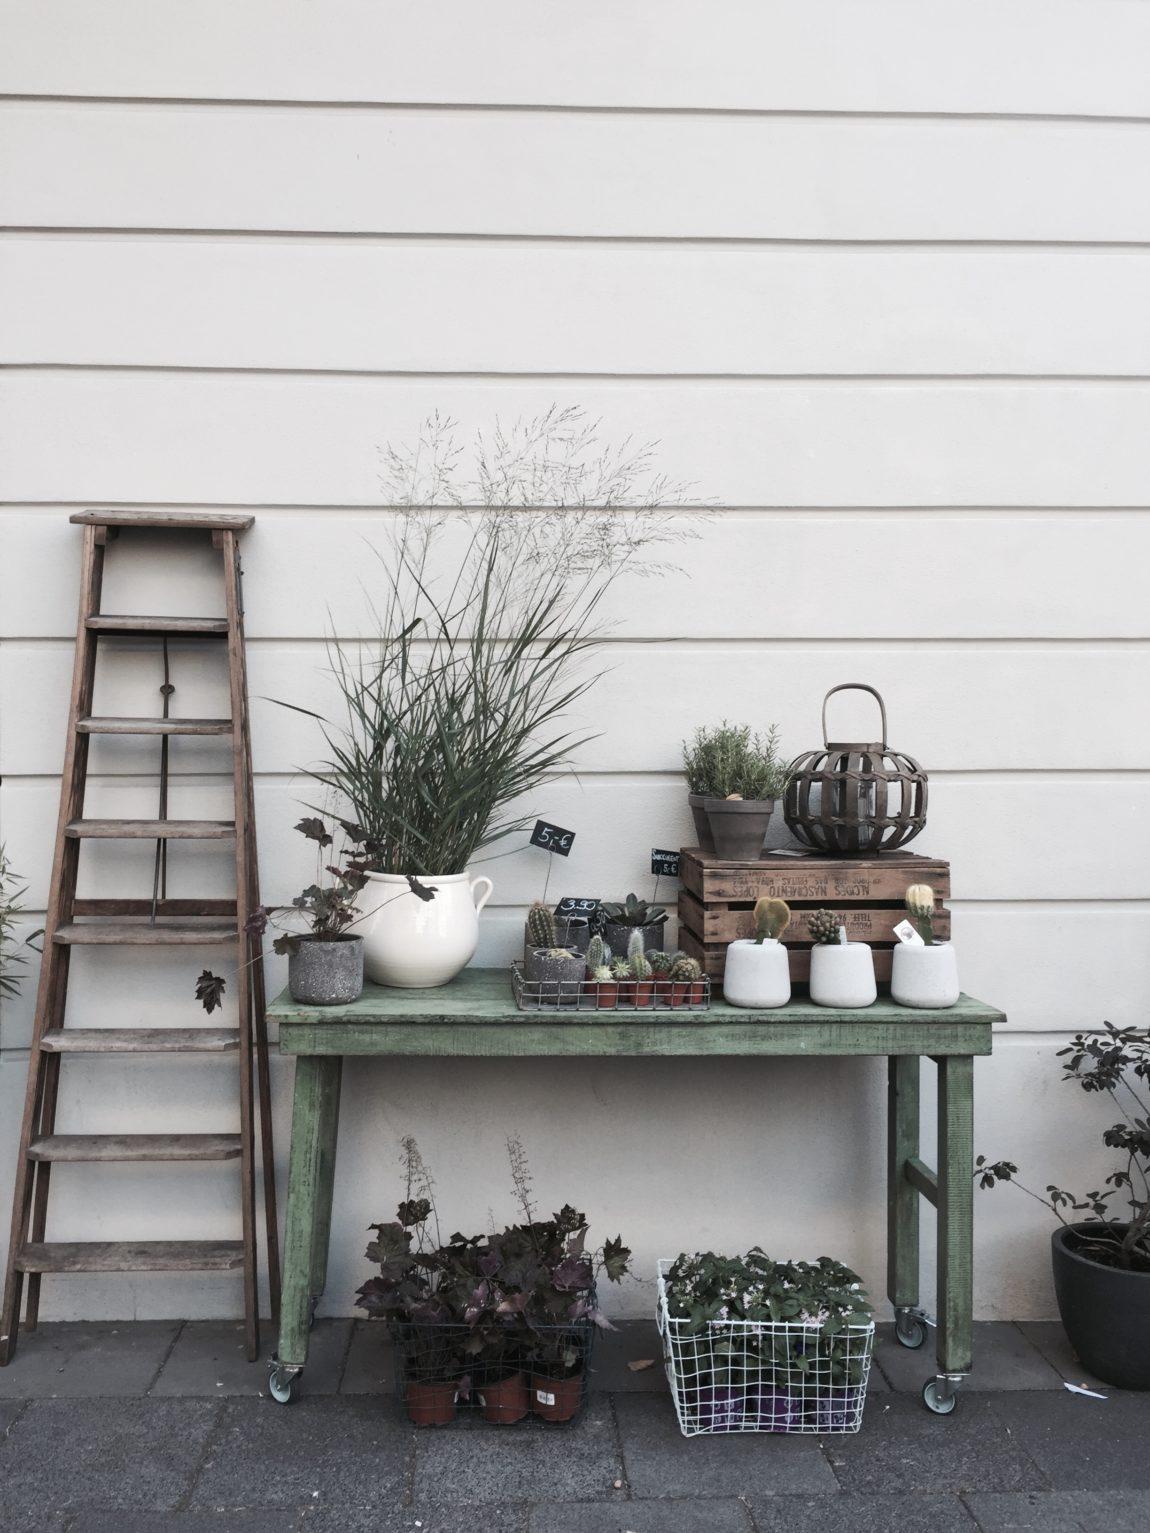 garten t r ume werden wahr garten und landschaftsbau seitz mannheim stra enheim 9 11. Black Bedroom Furniture Sets. Home Design Ideas